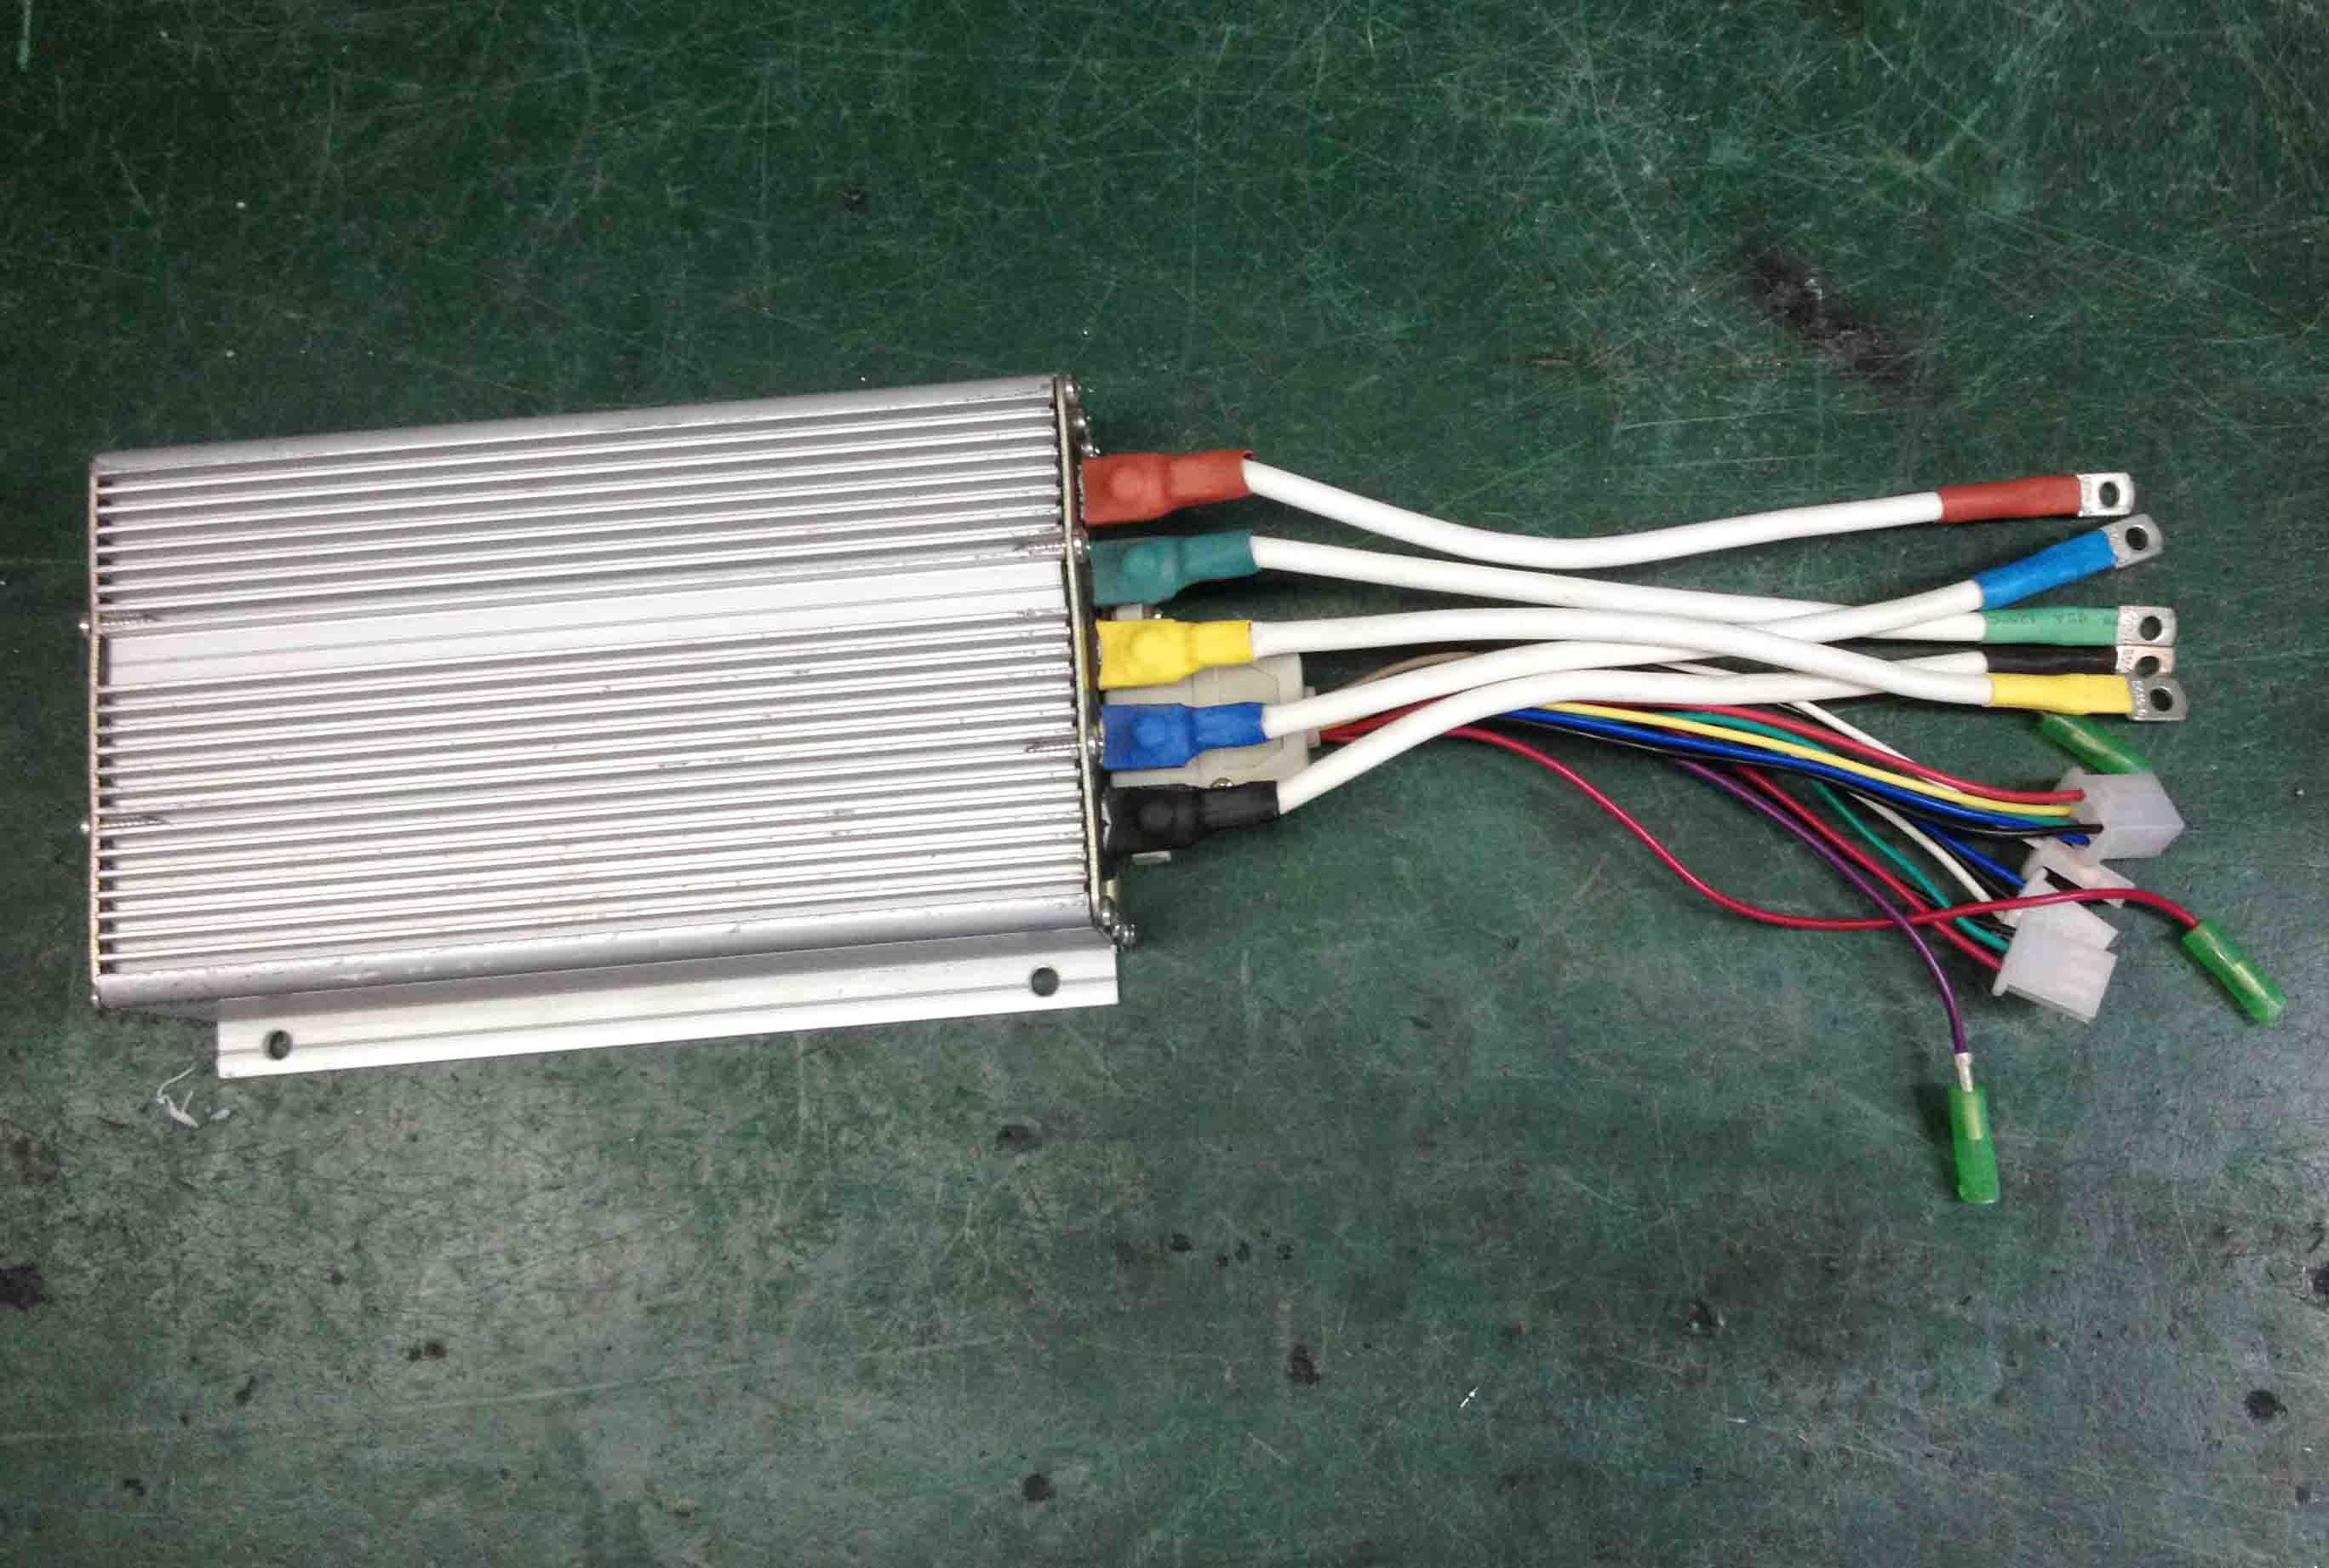 拓邦控制器0011 成都电动三轮车配件专卖|成都电动车